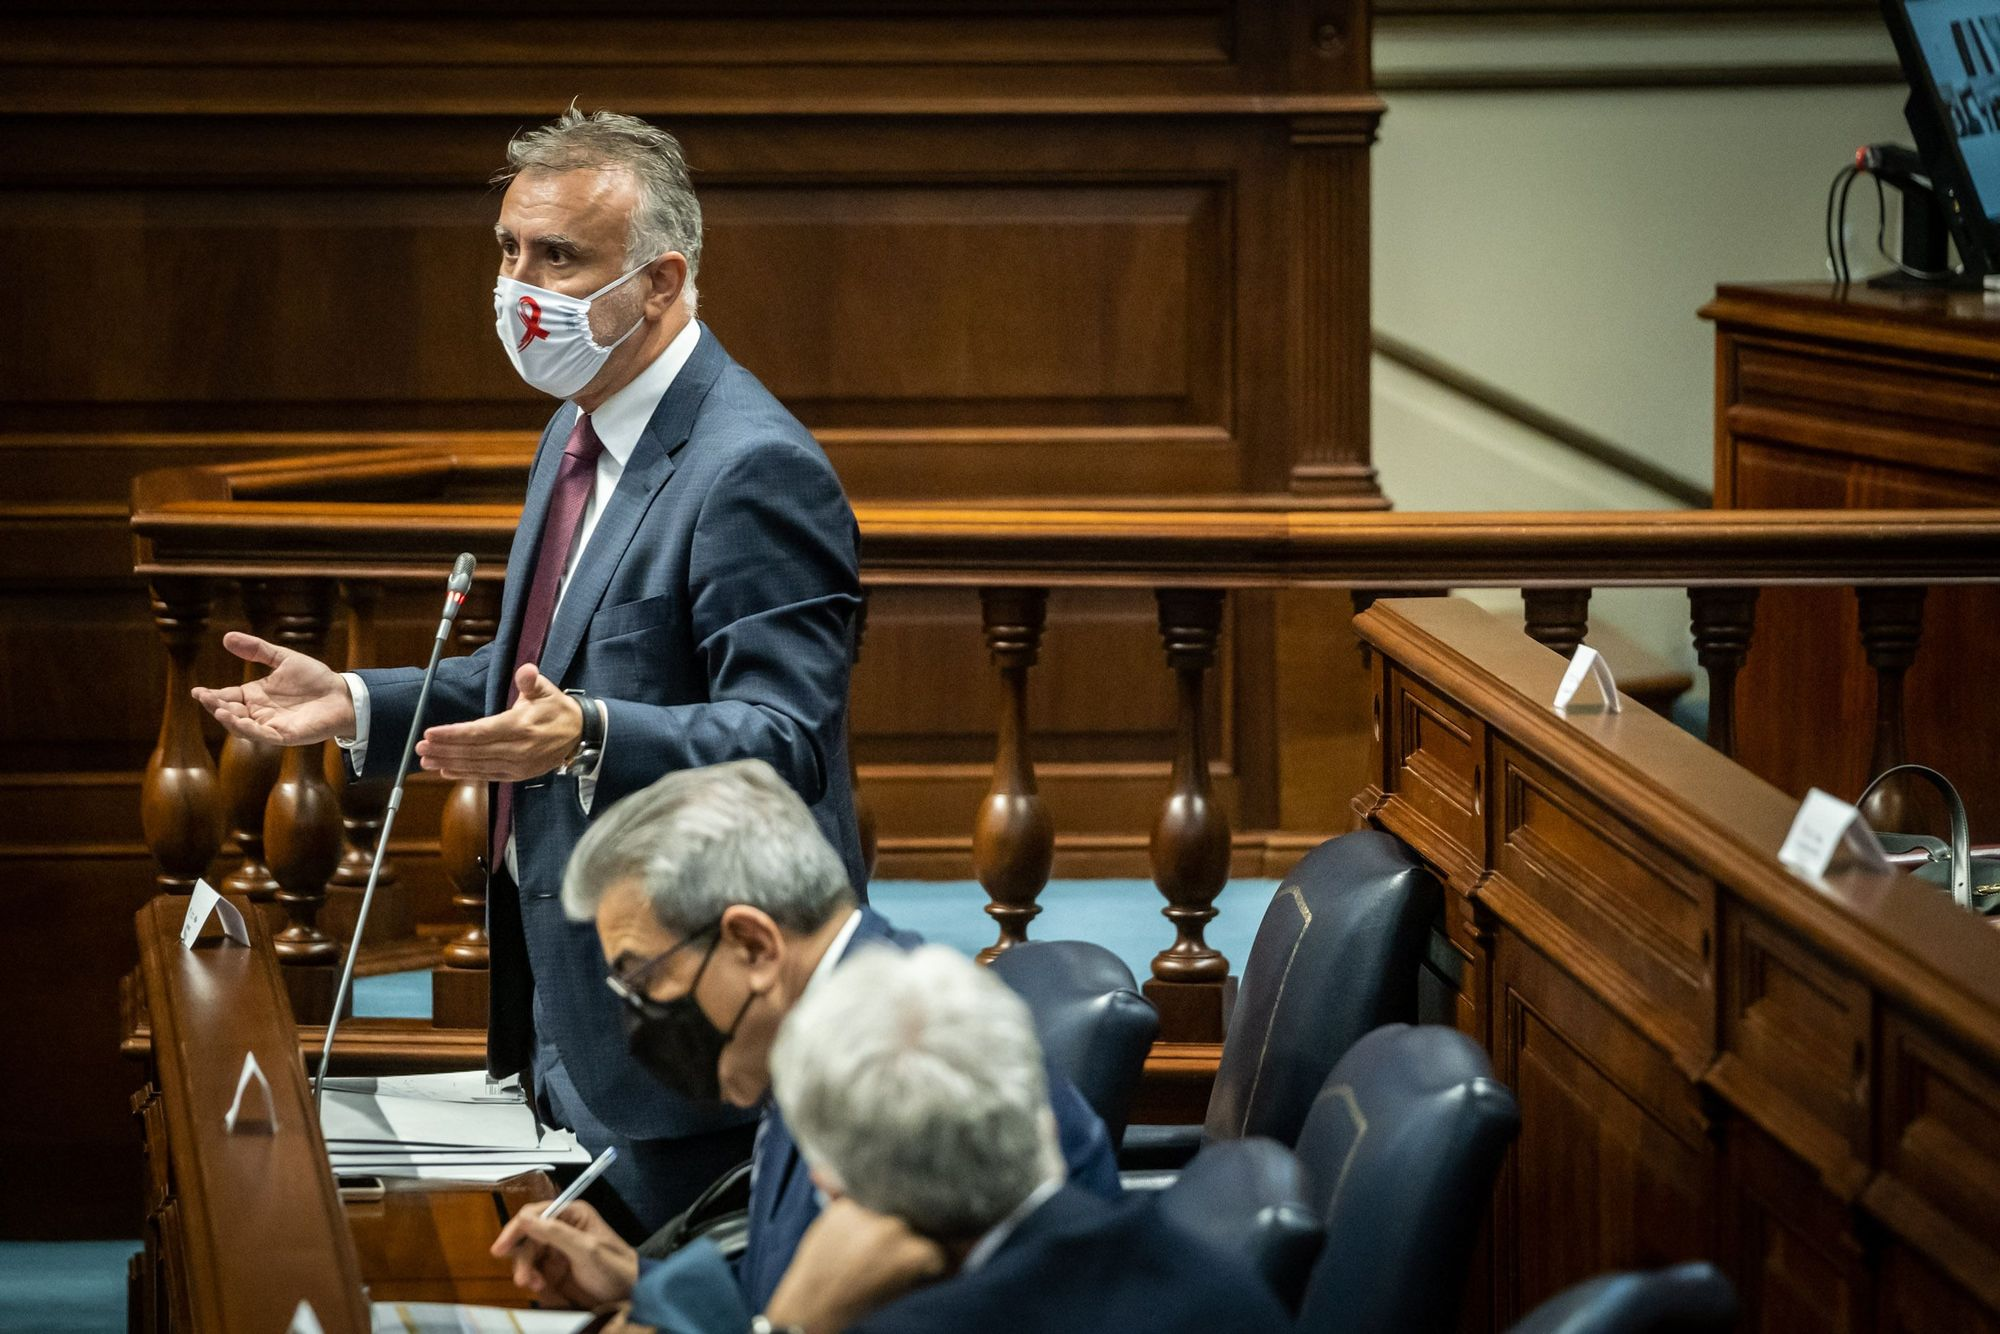 Pleno del Parlamento de Canarias celebrado el 1 de diciembre de 2020